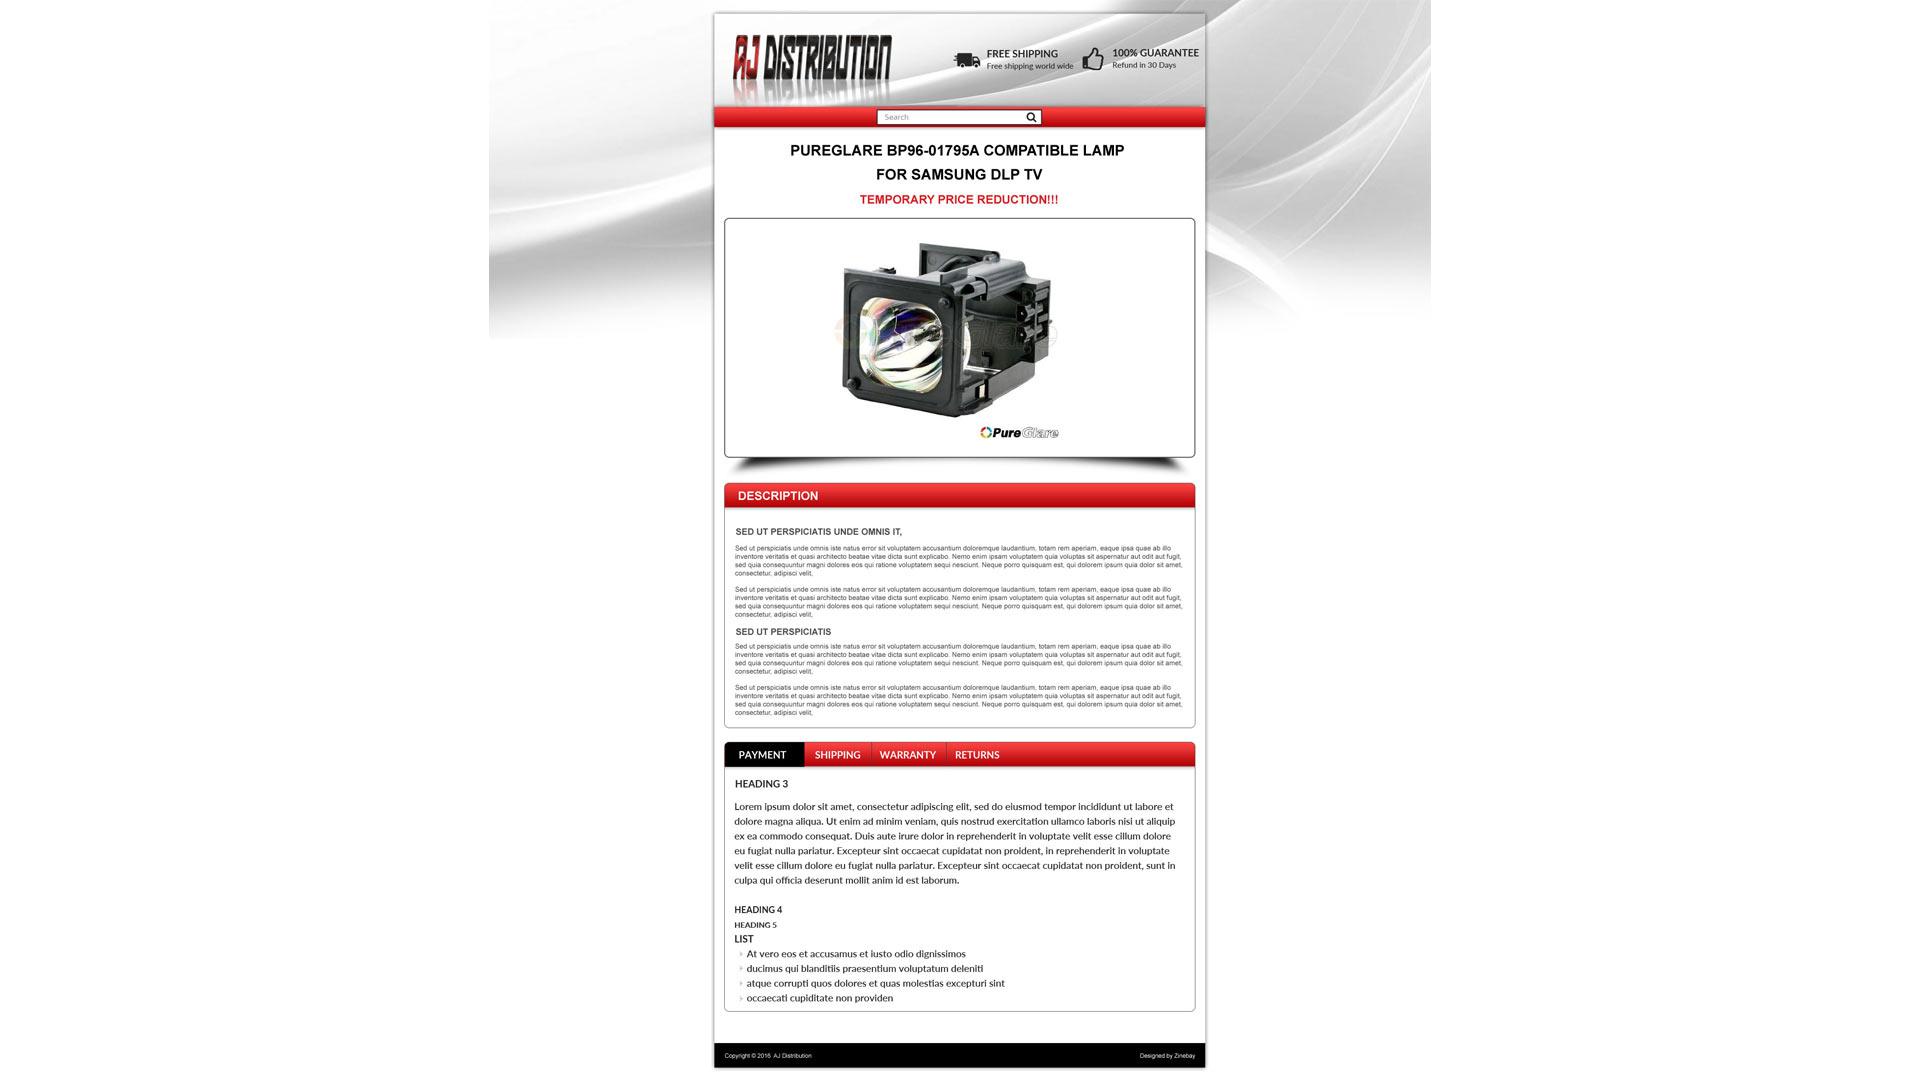 Großartig Kostenlose Ebay Vorlage Maker Bilder - Beispiel Business ...